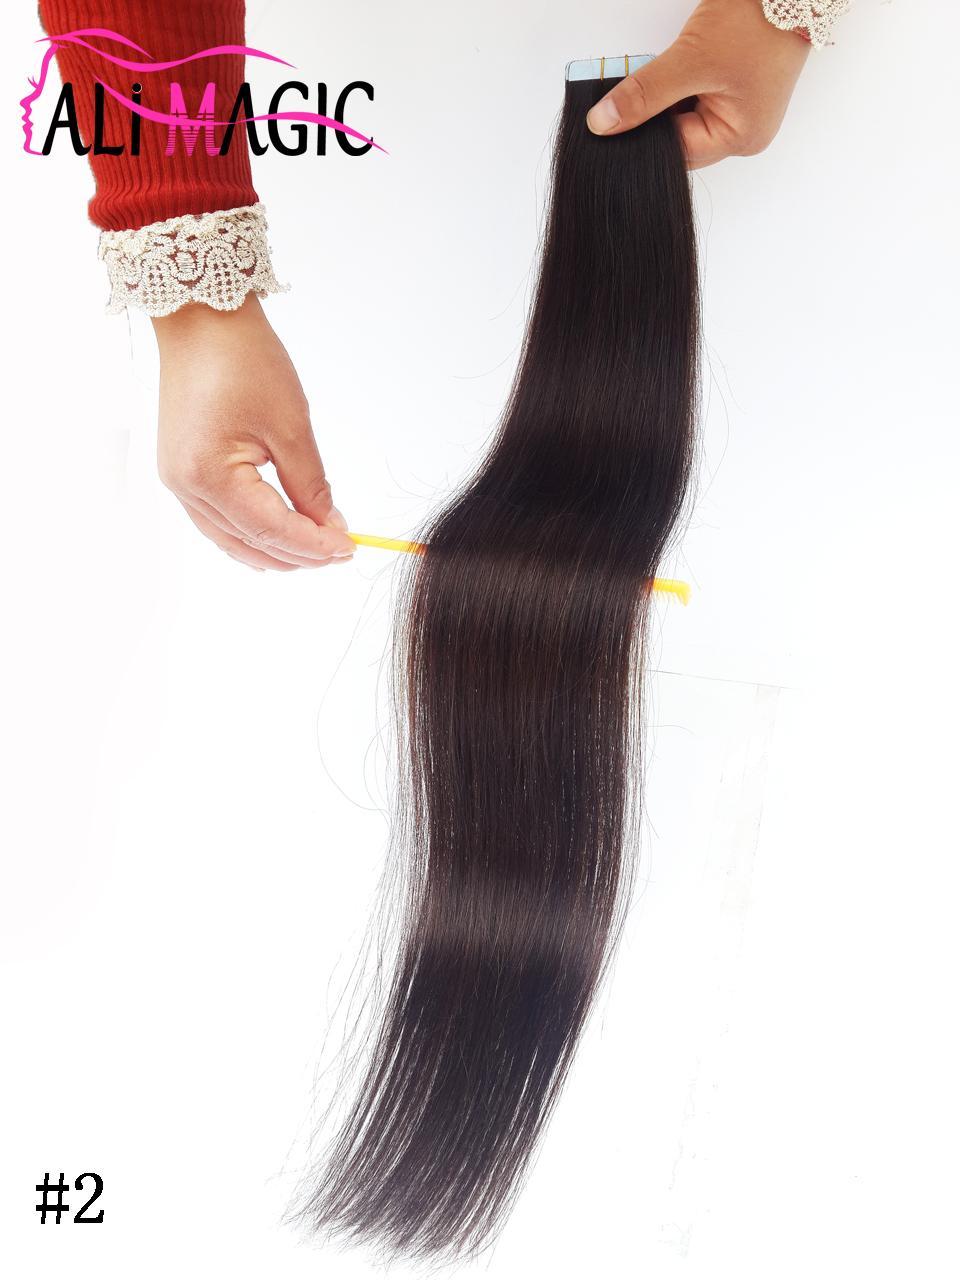 2019 nouvelle bande dans les cheveux humains extensiopns droite la peau brune droite la peau ruban de trame ruban de cheveux 100g 20 '' 22 '' 24inch